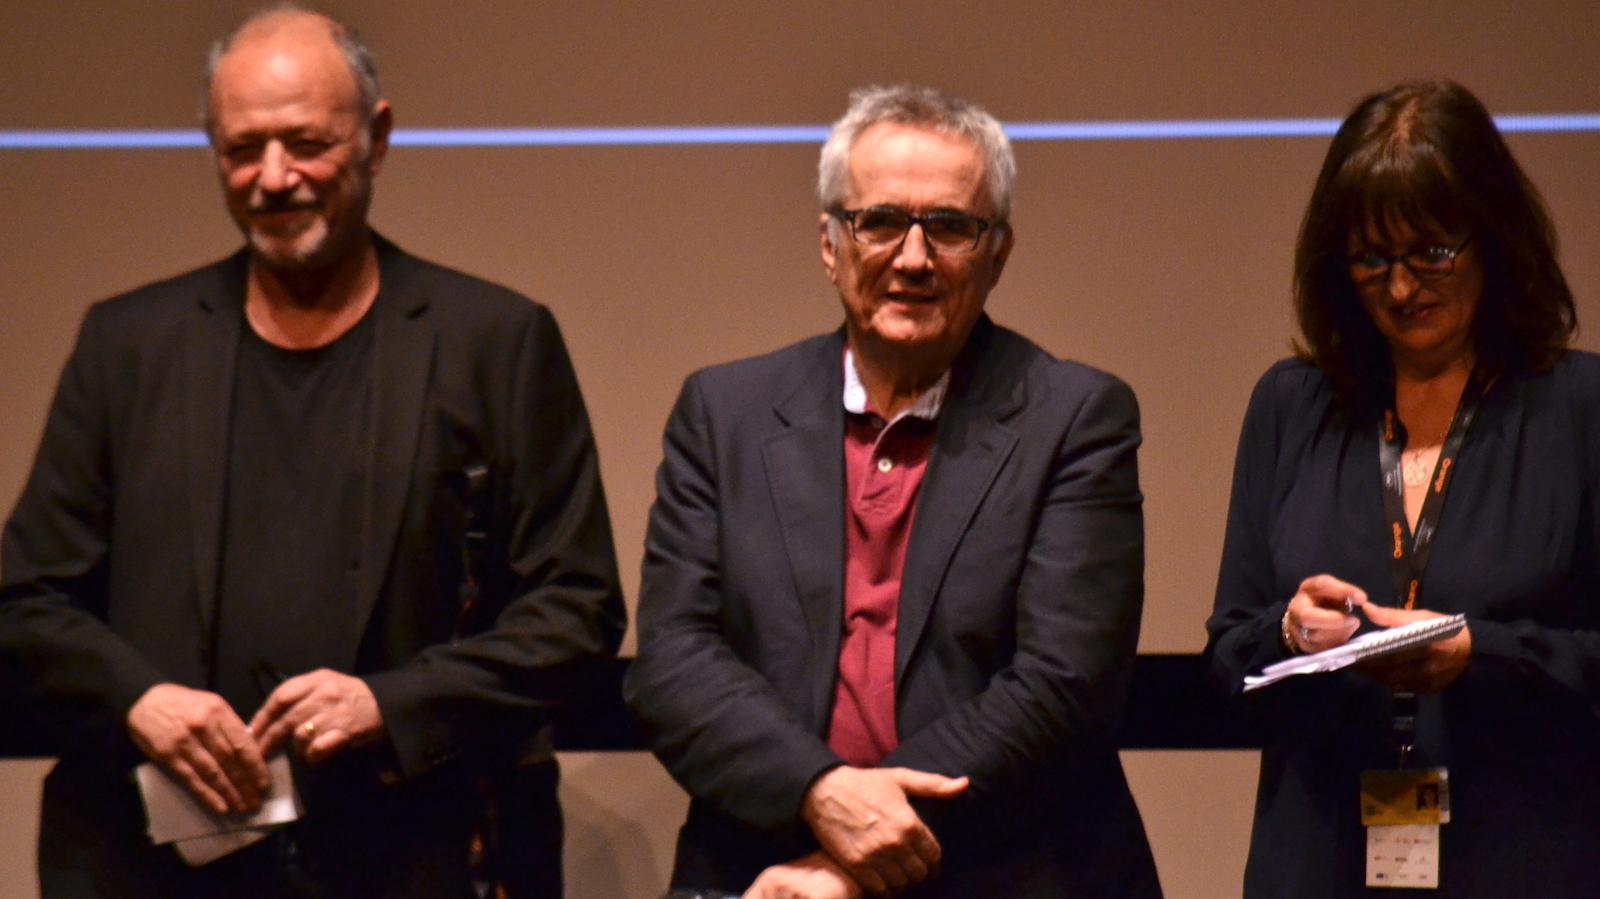 Cannes 2016: conferenza di Fai bei sogni, Marco Bellocchio